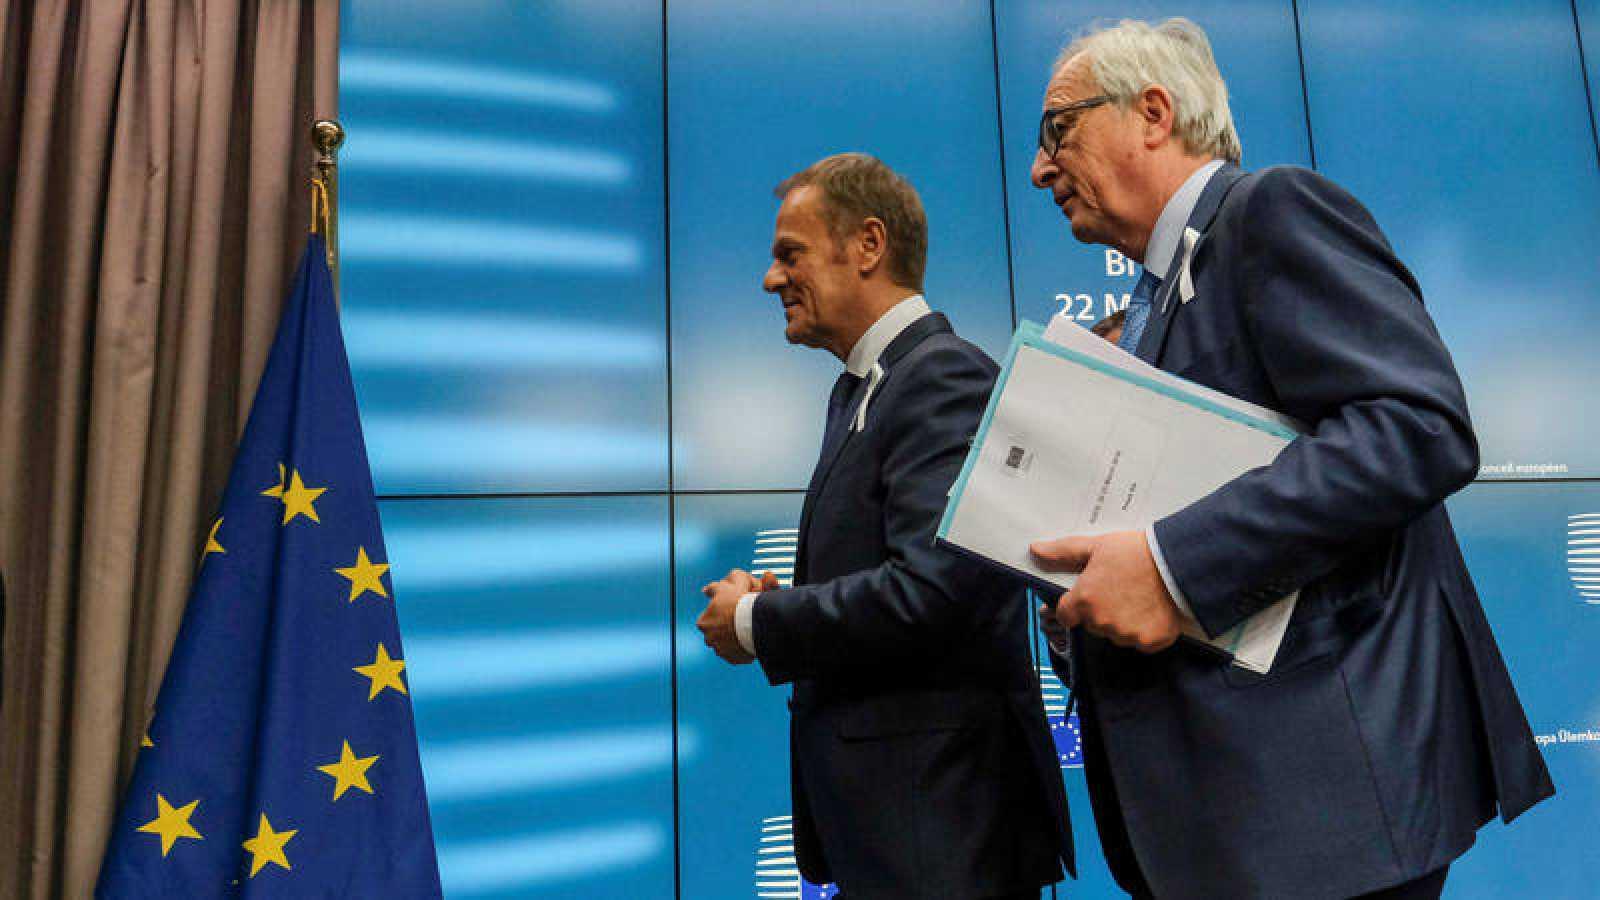 El presidente de la Comisión Europea, Jean Claude Juncker, y el del Consejo Europeo, Donald Tusk, en Bruselas